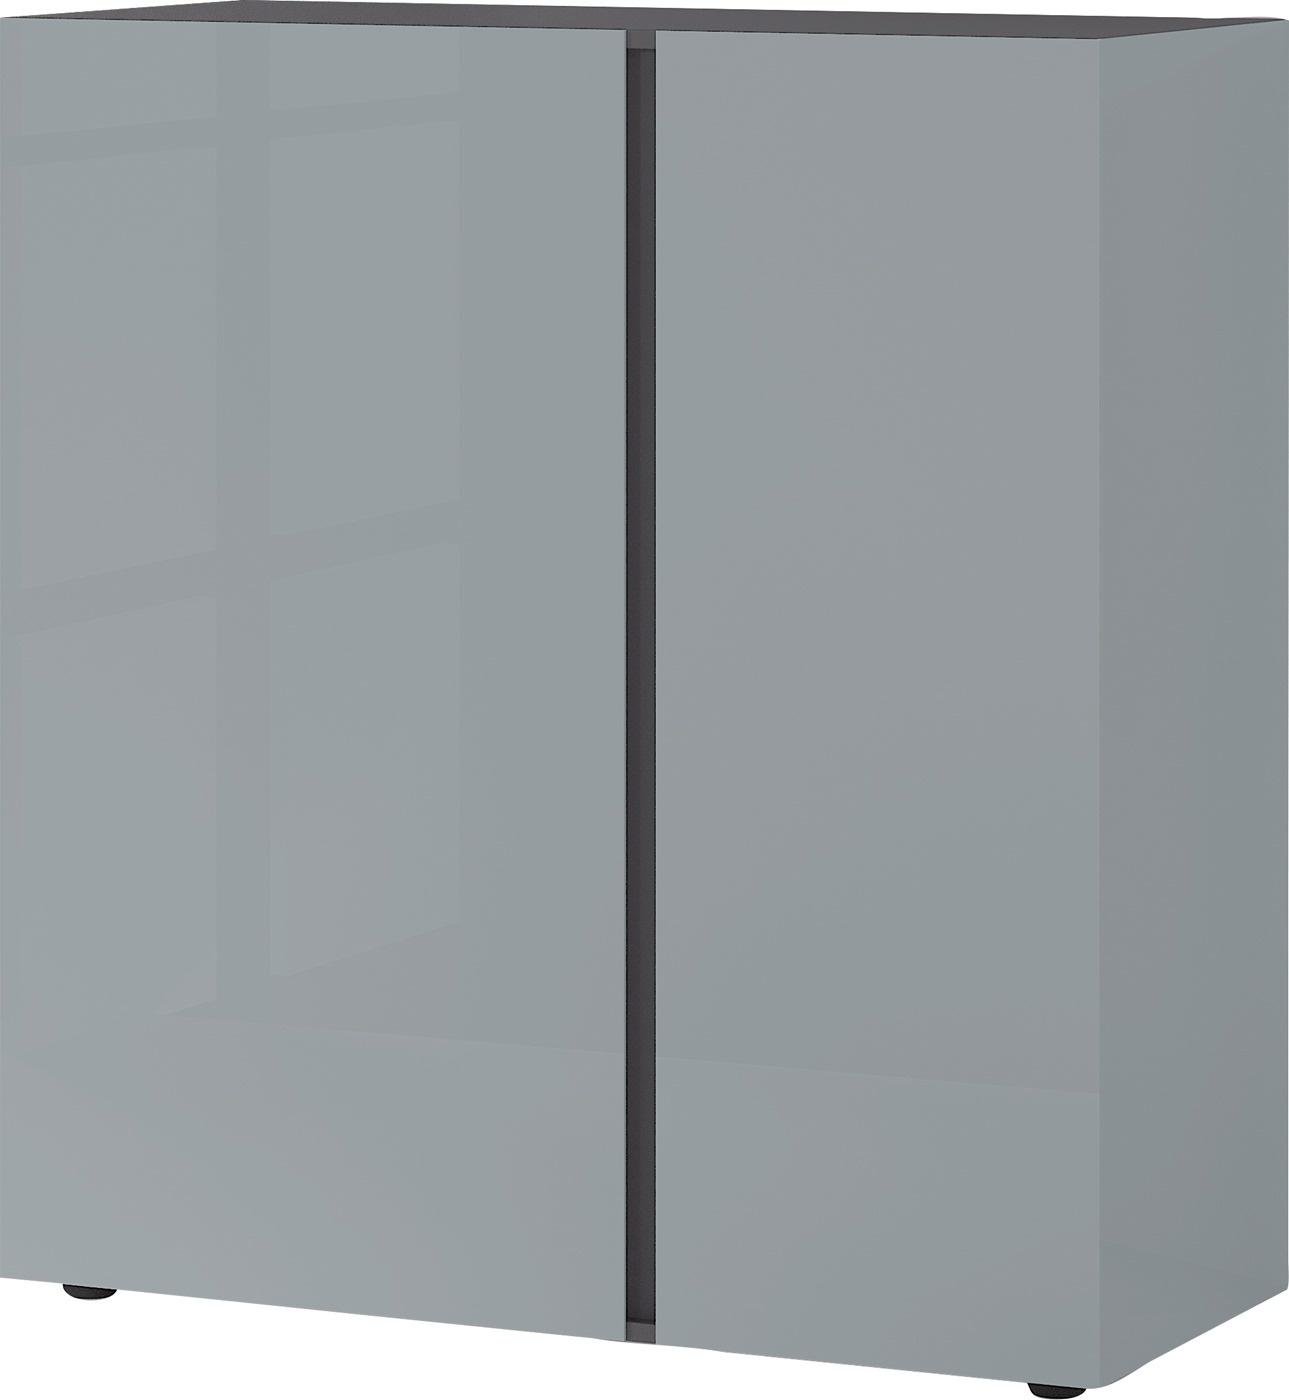 Opbergkast Mesa M 103 cm hoog in grafiet met zilvergrijs